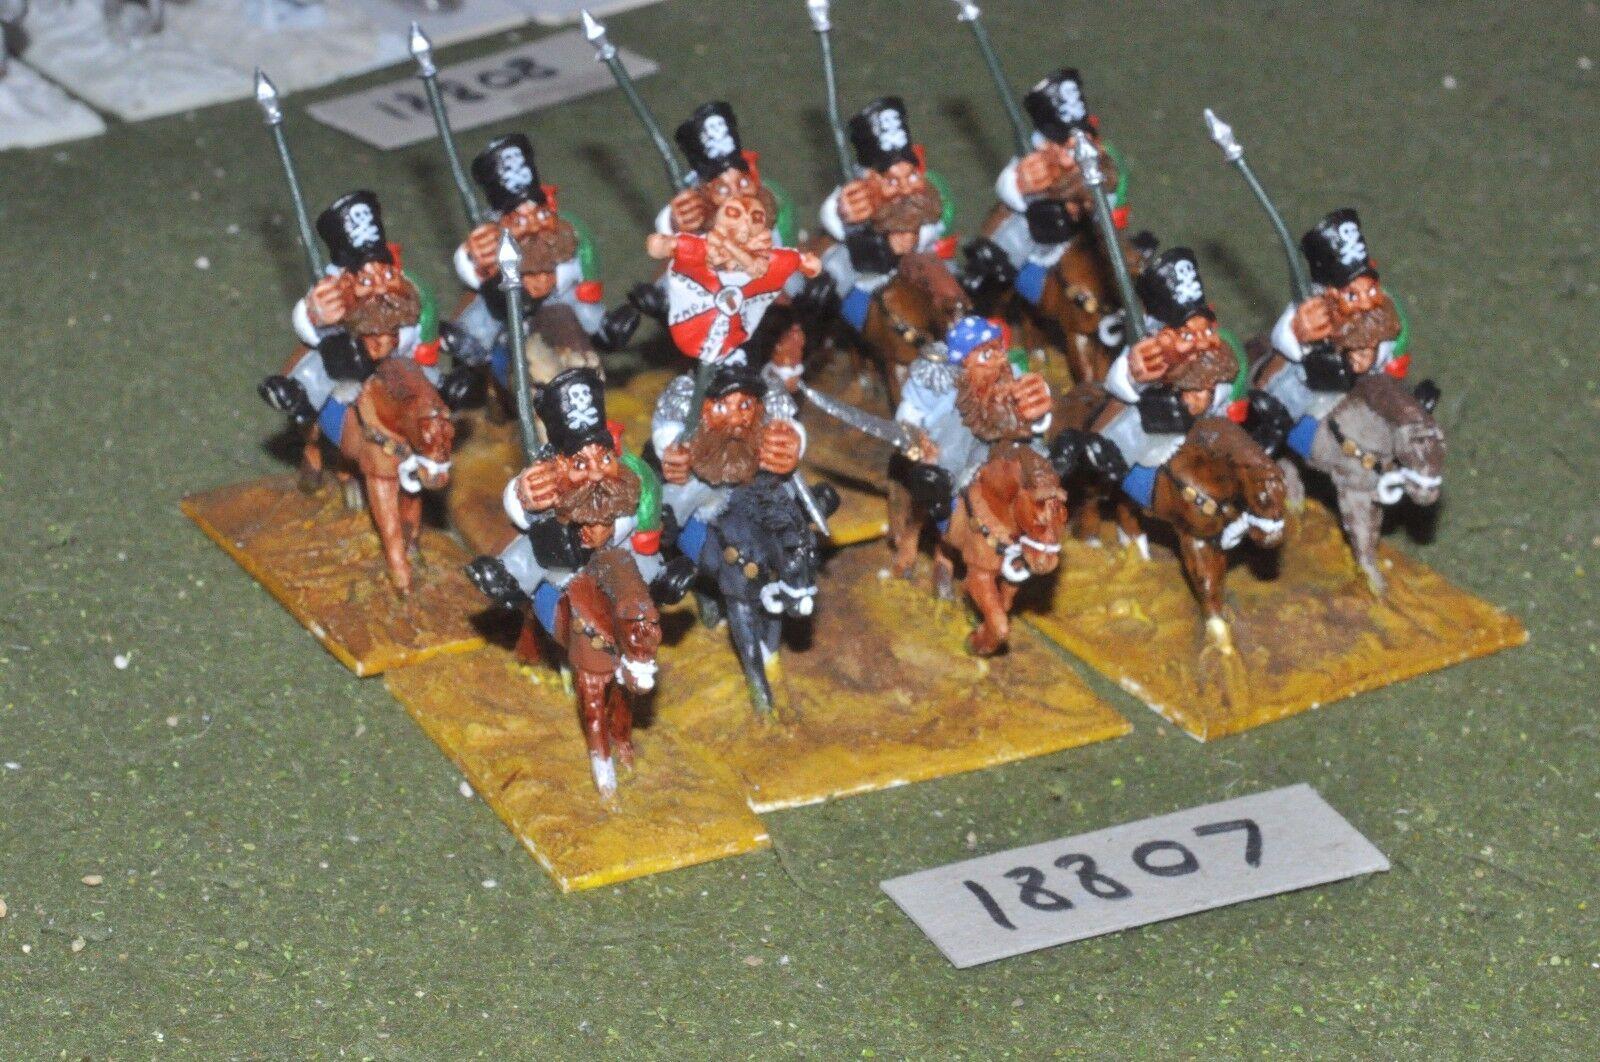 Flintloque fantasy - zwerge krautian uhlans lancers kavallerie [16] (10 18807)